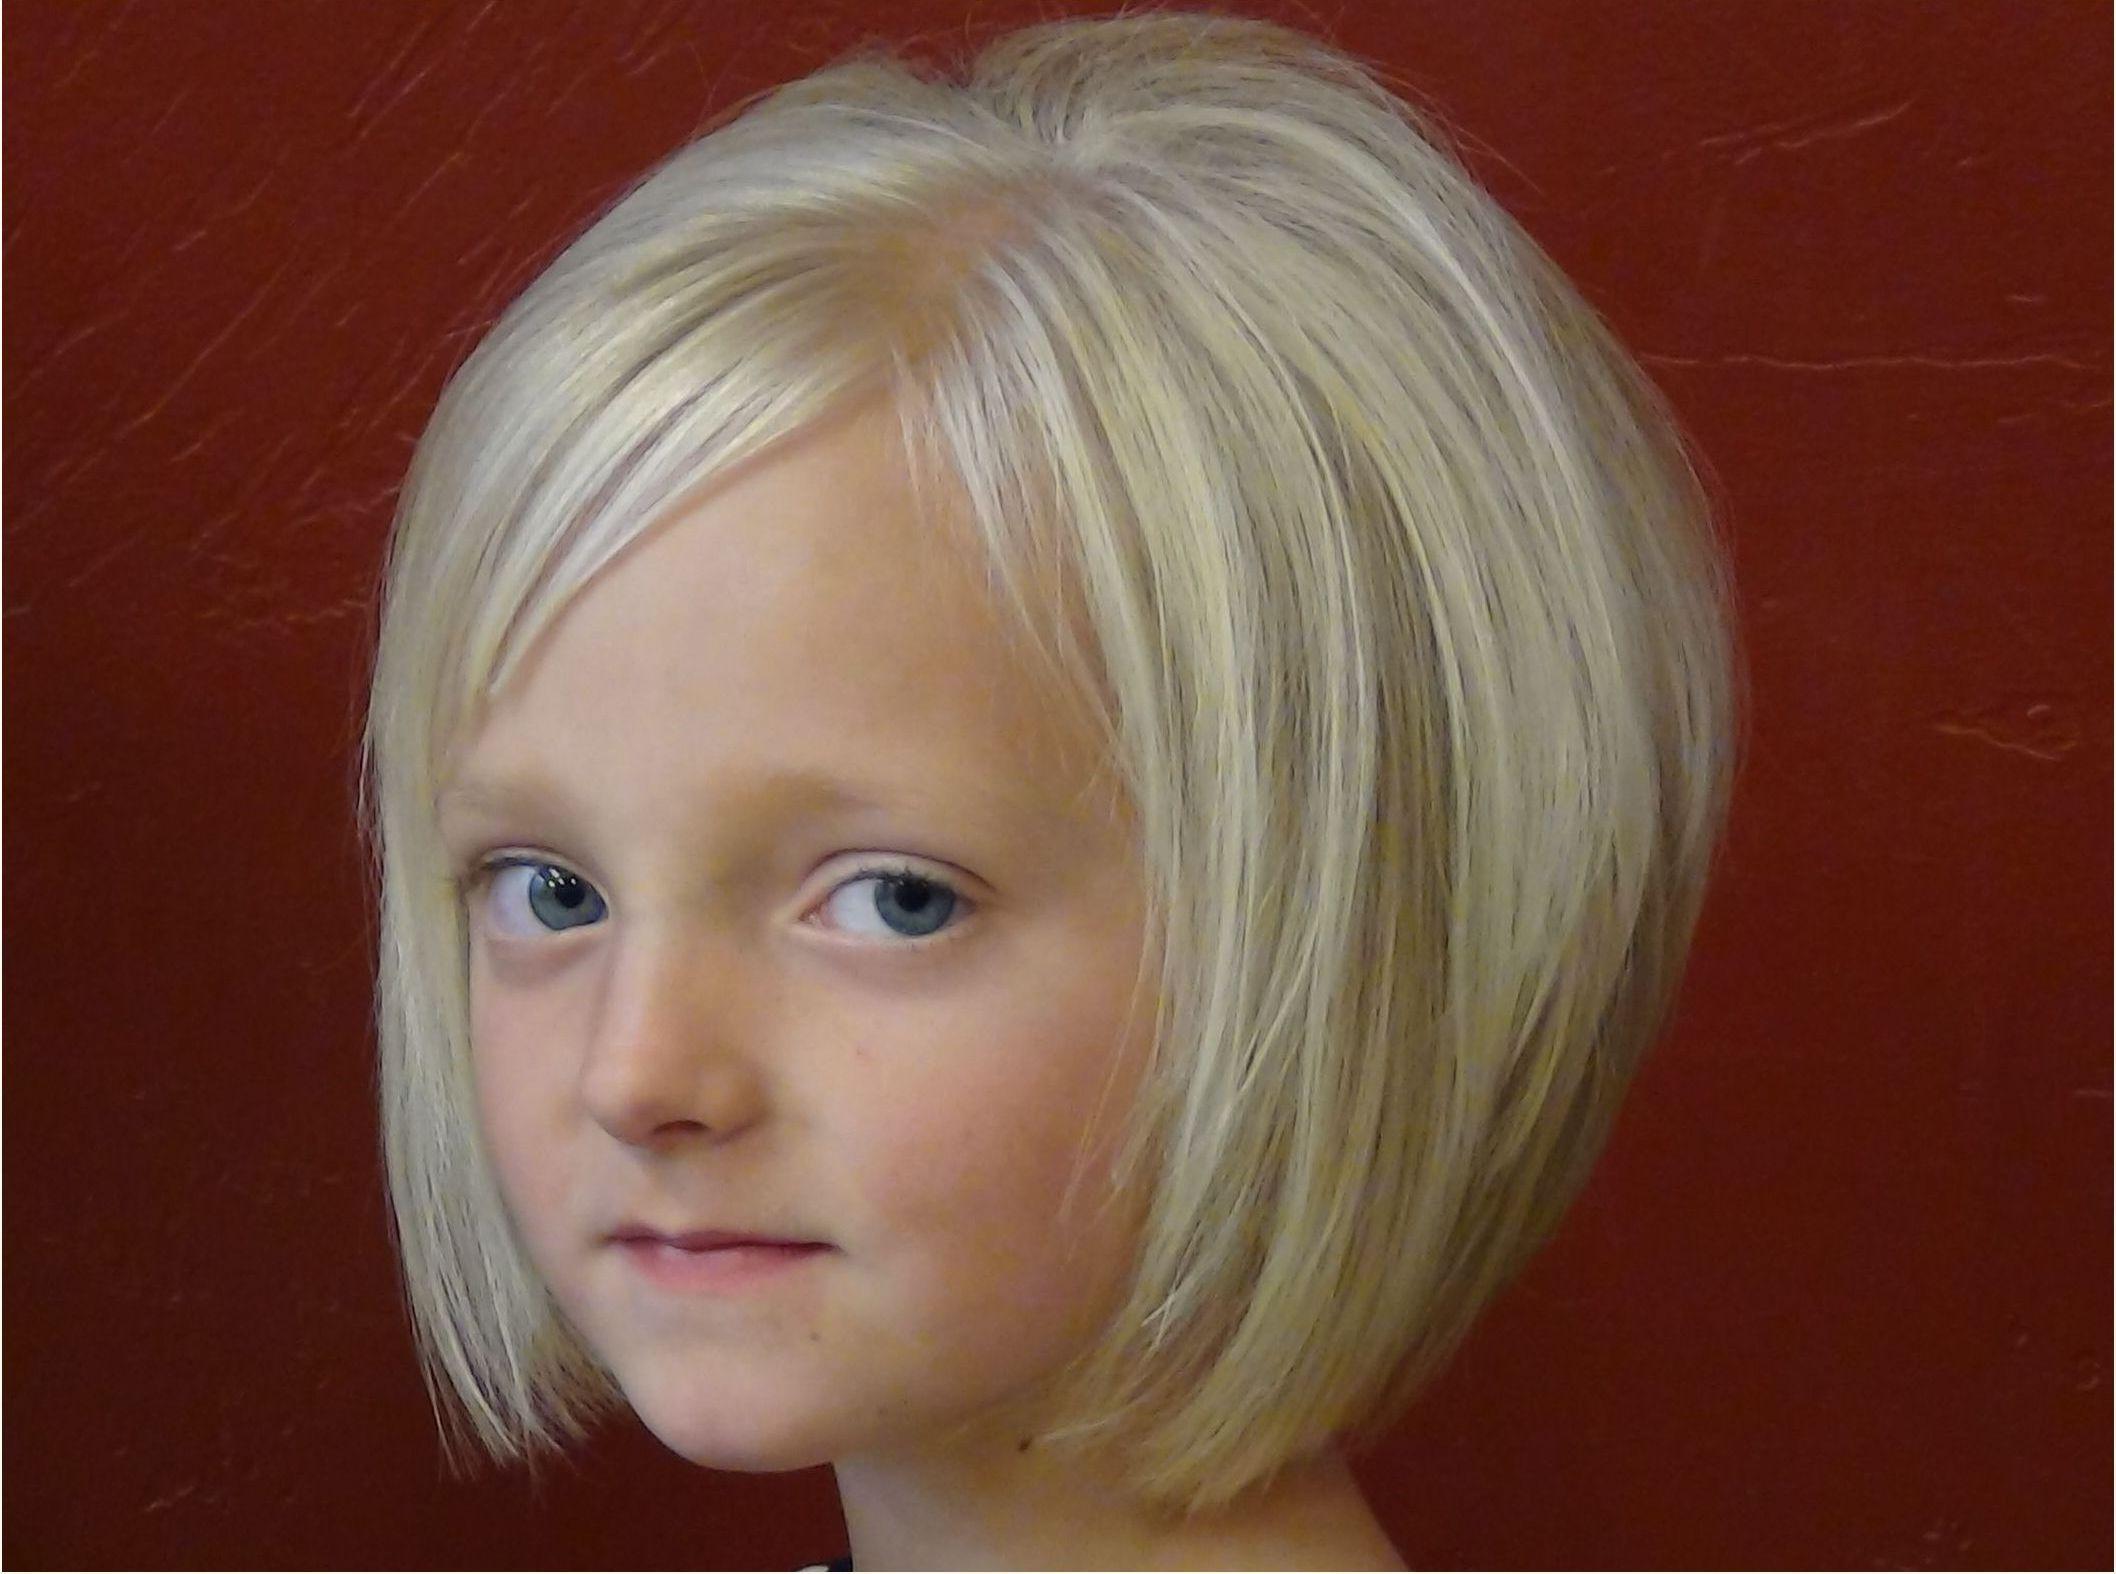 Neue Stilvolle Bob Haarschnitt 2015 Für Mädchen Meine Neue